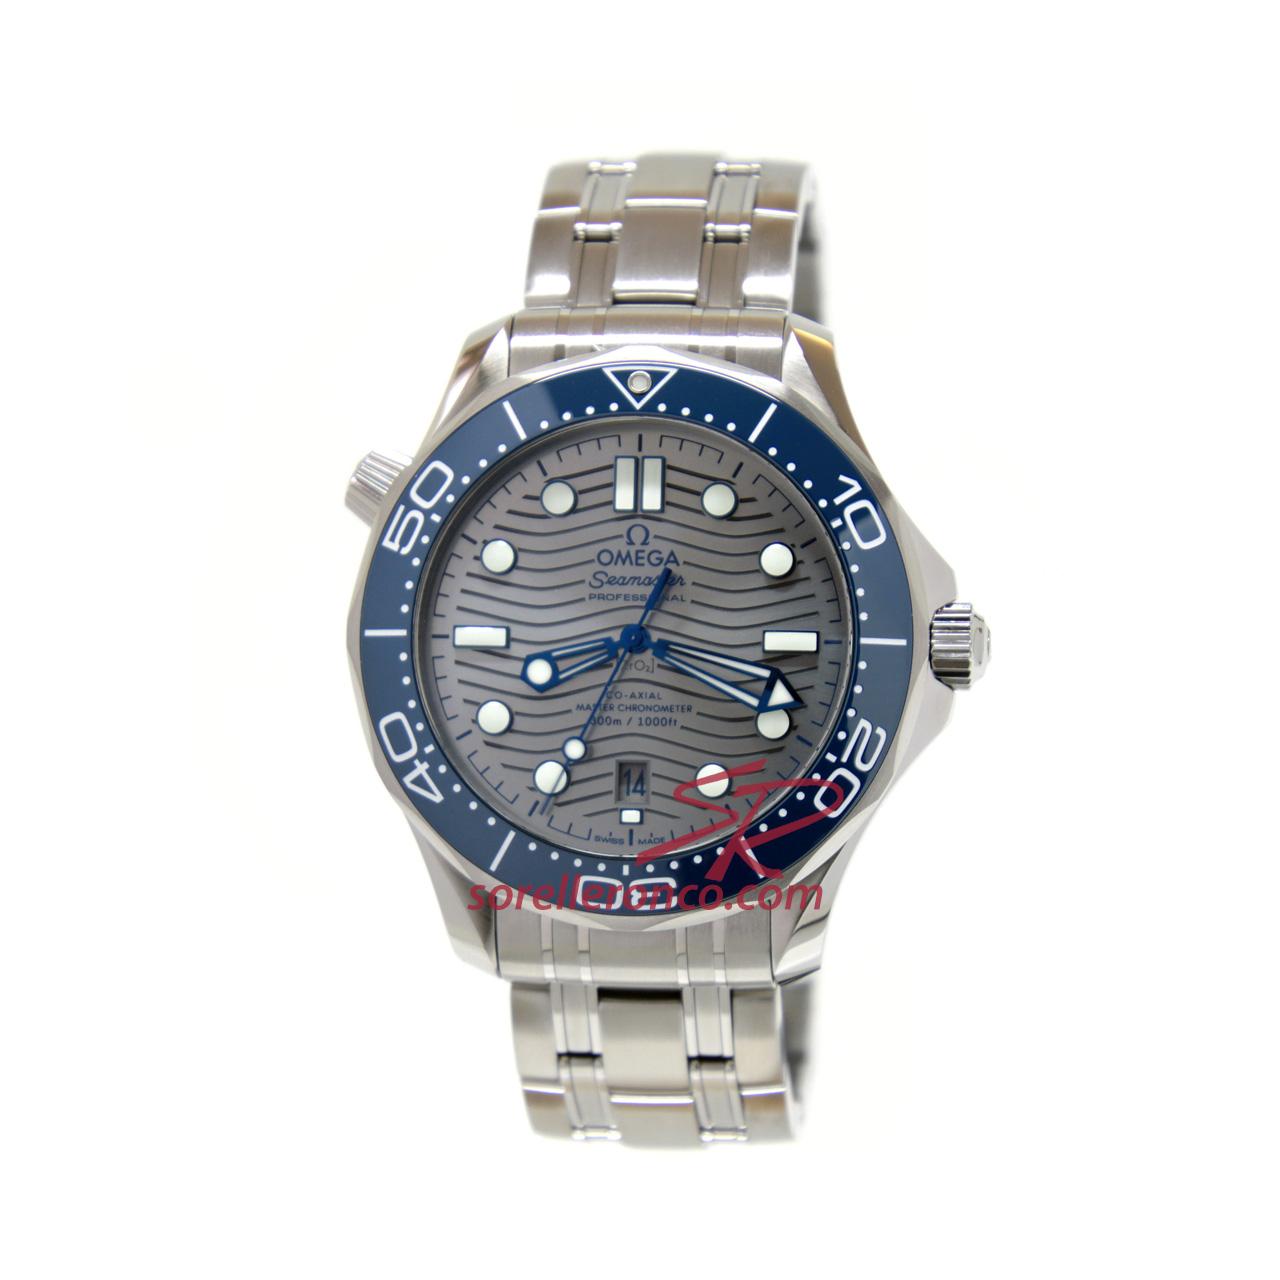 Seamaster 300m Diver Grigio Daniel Craig 007 James Bond